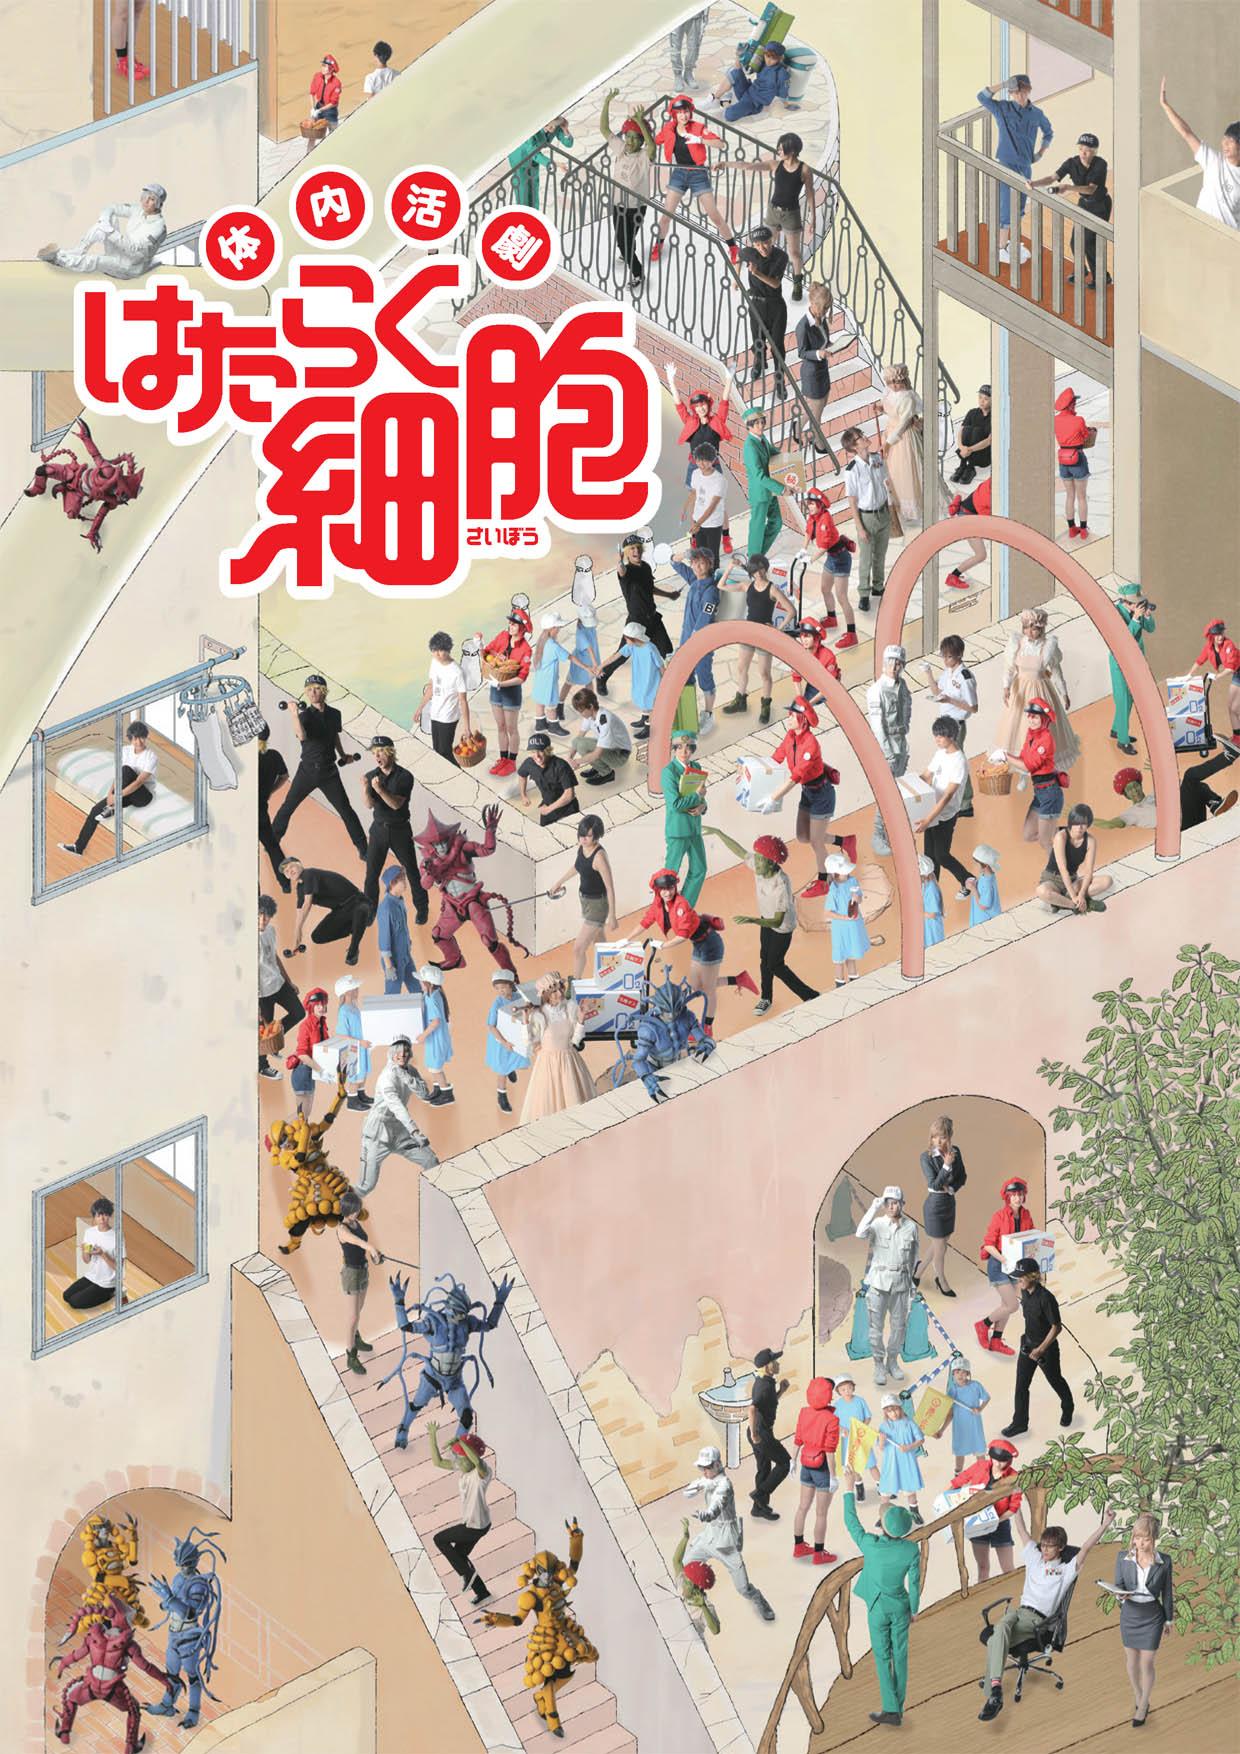 体内活劇「はたらく細胞」第1弾、ニコ生でふりかえり上映会を実施 8月14日21時から イメージ画像